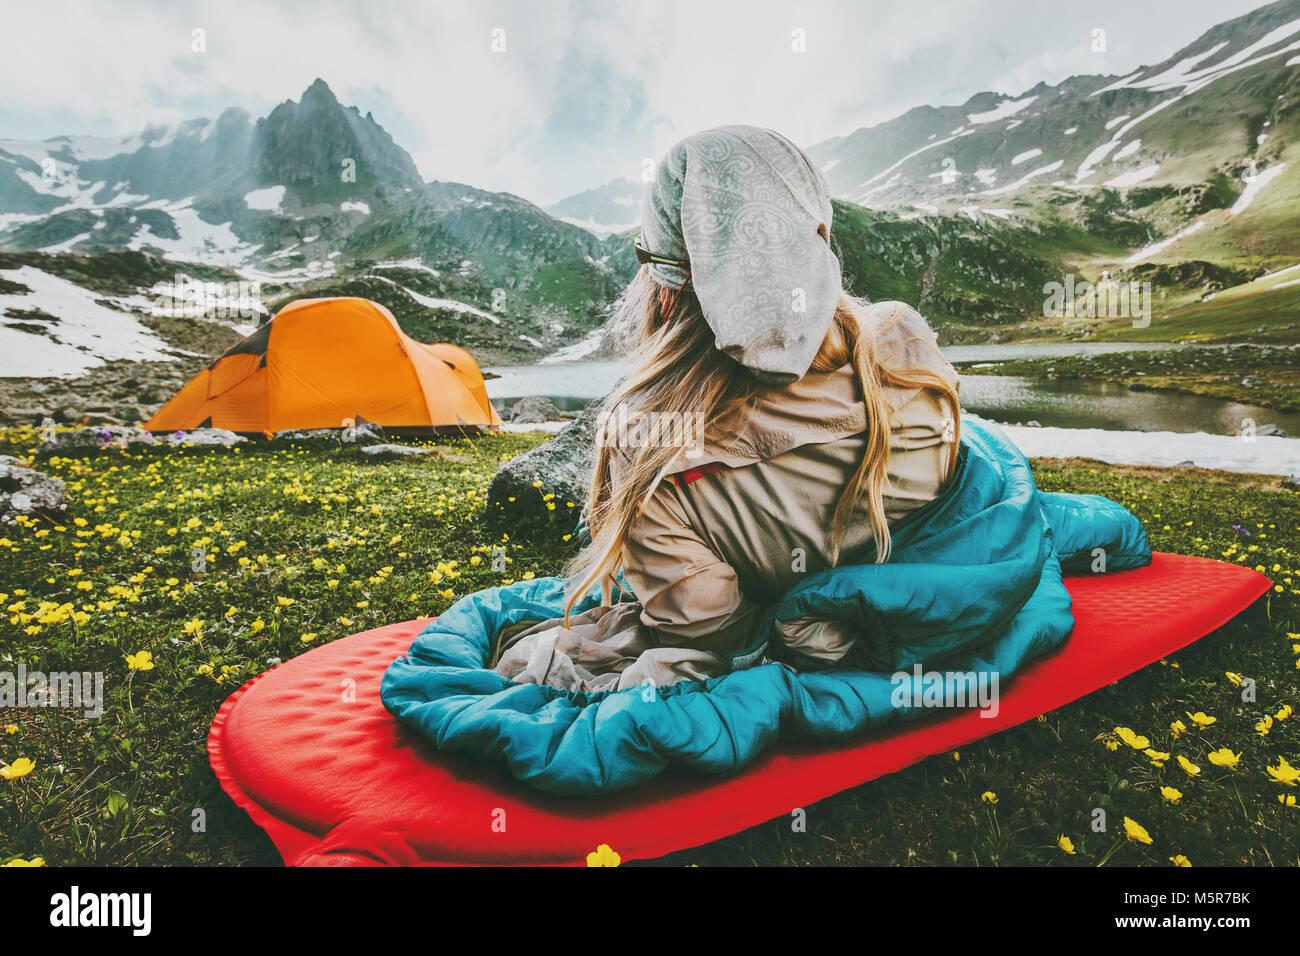 Mujer relajante en saco de dormir sobre la alfombra roja camping vacaciones viajes en montañas concepto de estilo Foto de stock